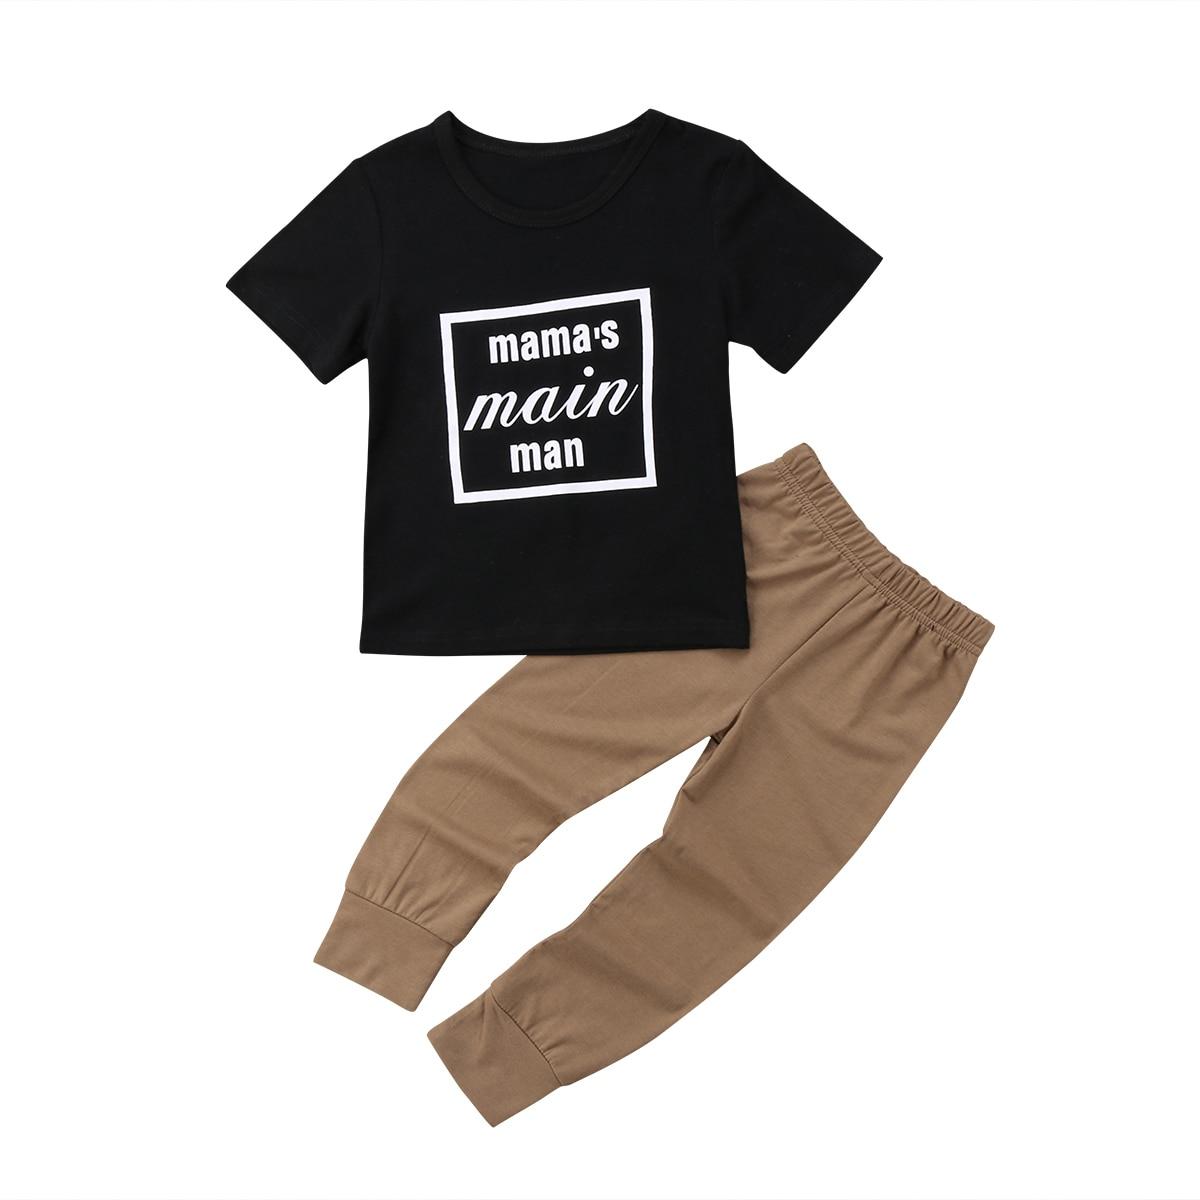 2 шт. Дети Одежда для мальчиков Повседневное хлопок o-образным вырезом письмо короткий рукав длинные Брюки для девочек 18 м-5 т helen115